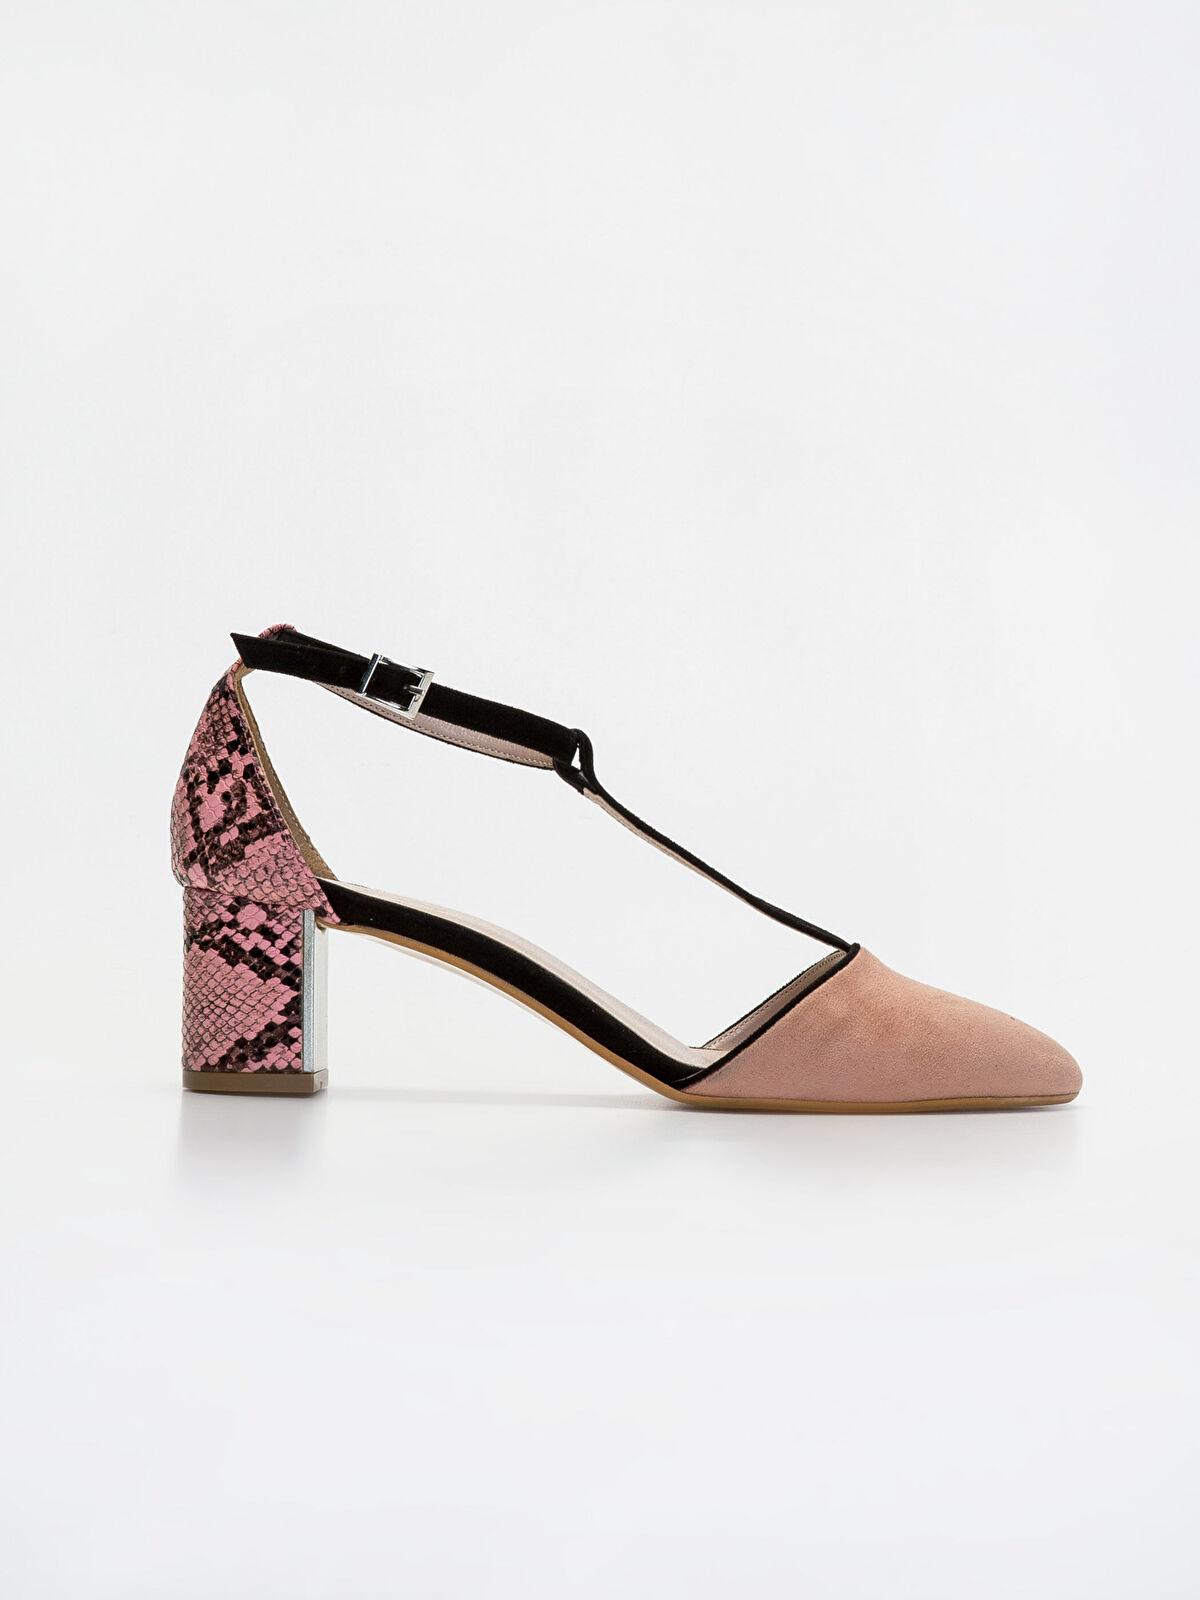 Kadın Yılan Derisi Görünümlü Stiletto Ayakkabı - LC WAIKIKI